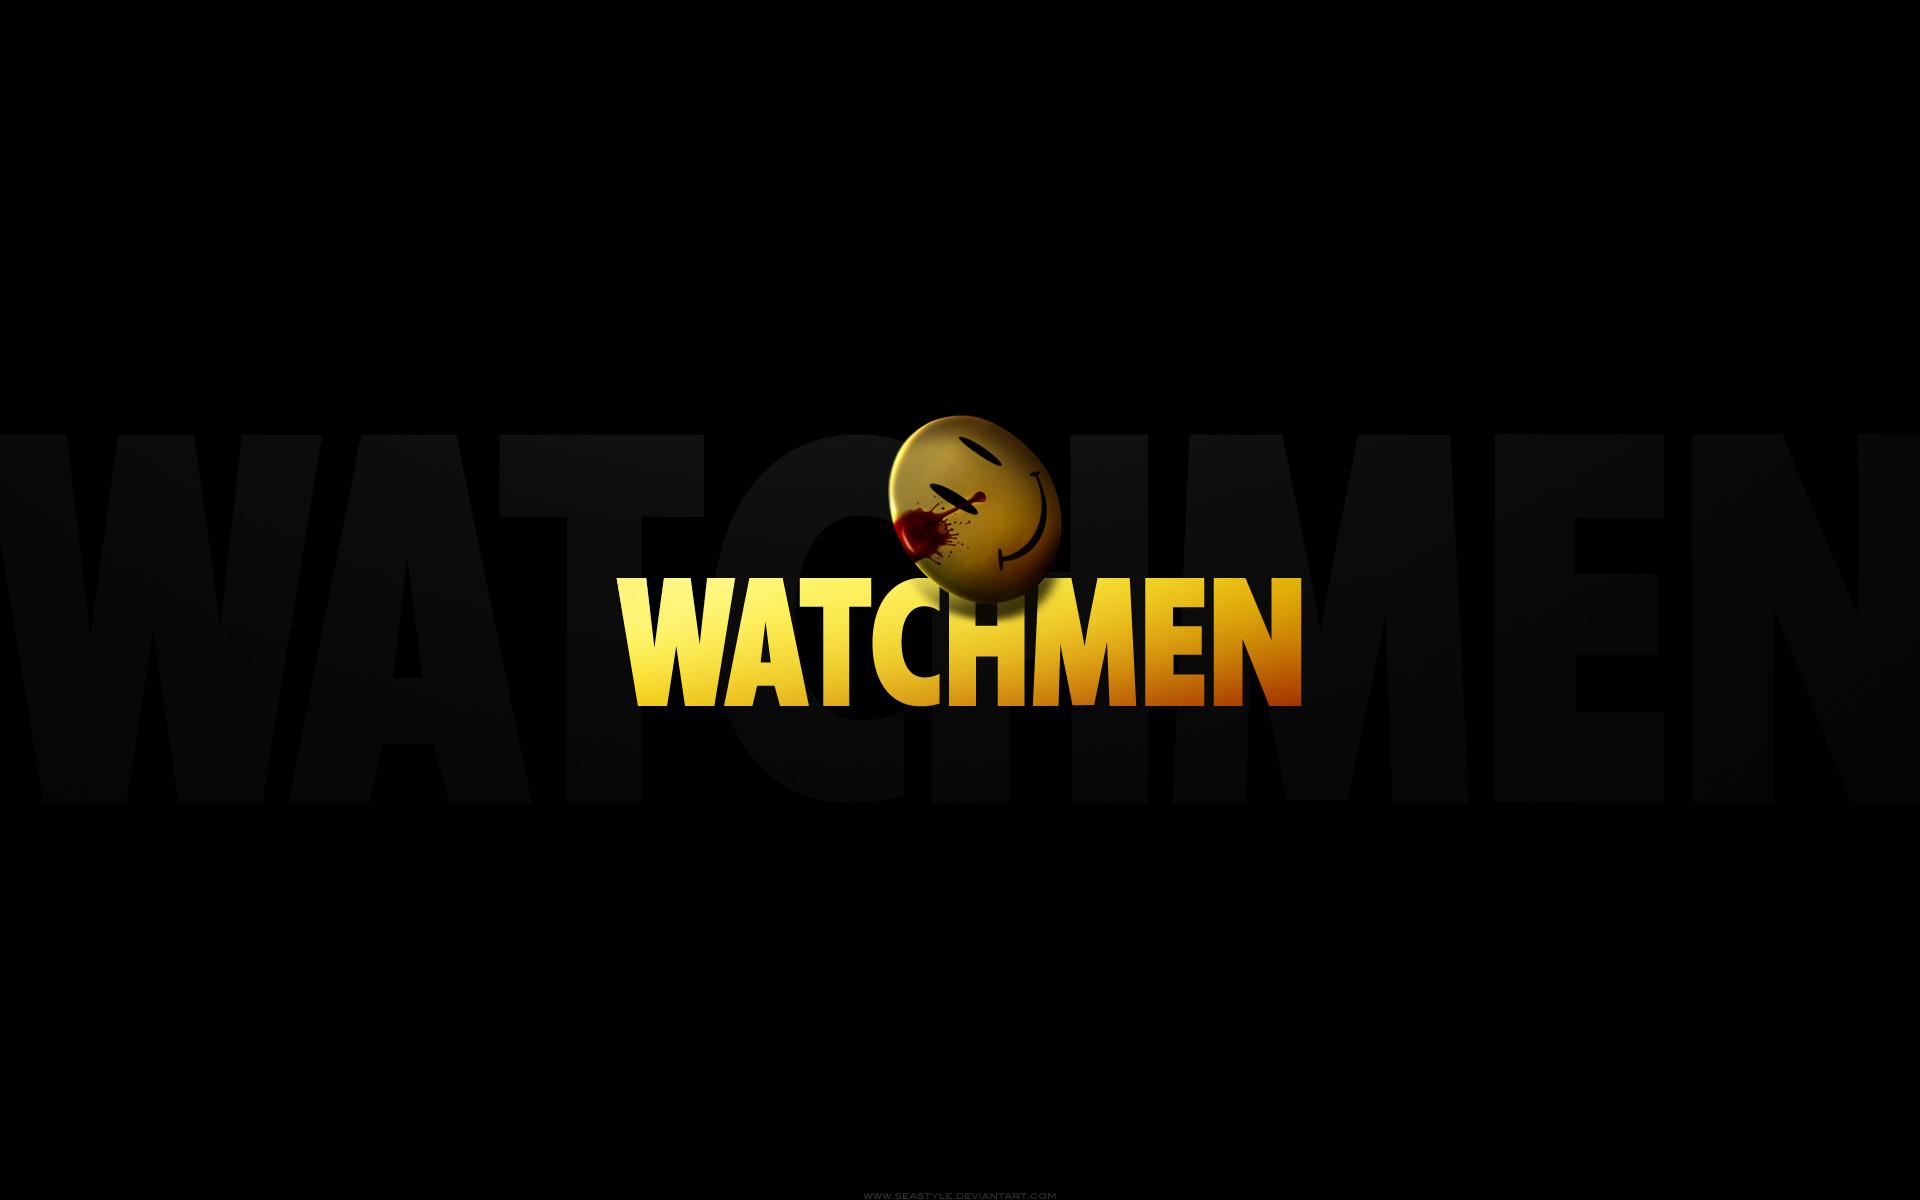 watchmen watchmen wallpaper 14911372 fanpop